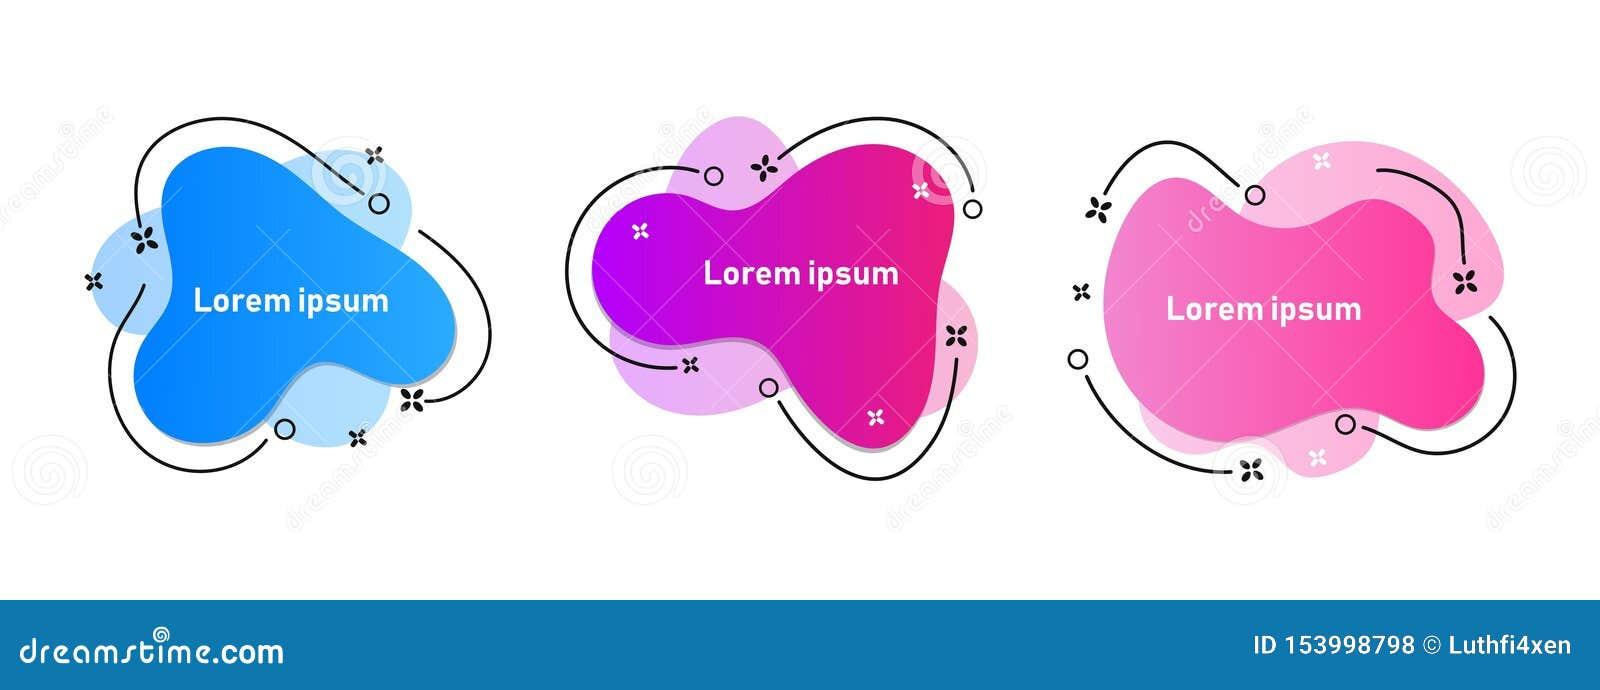 Placez des éléments graphiques modernes de résumé avec les formes et la ligne colorées dynamiques